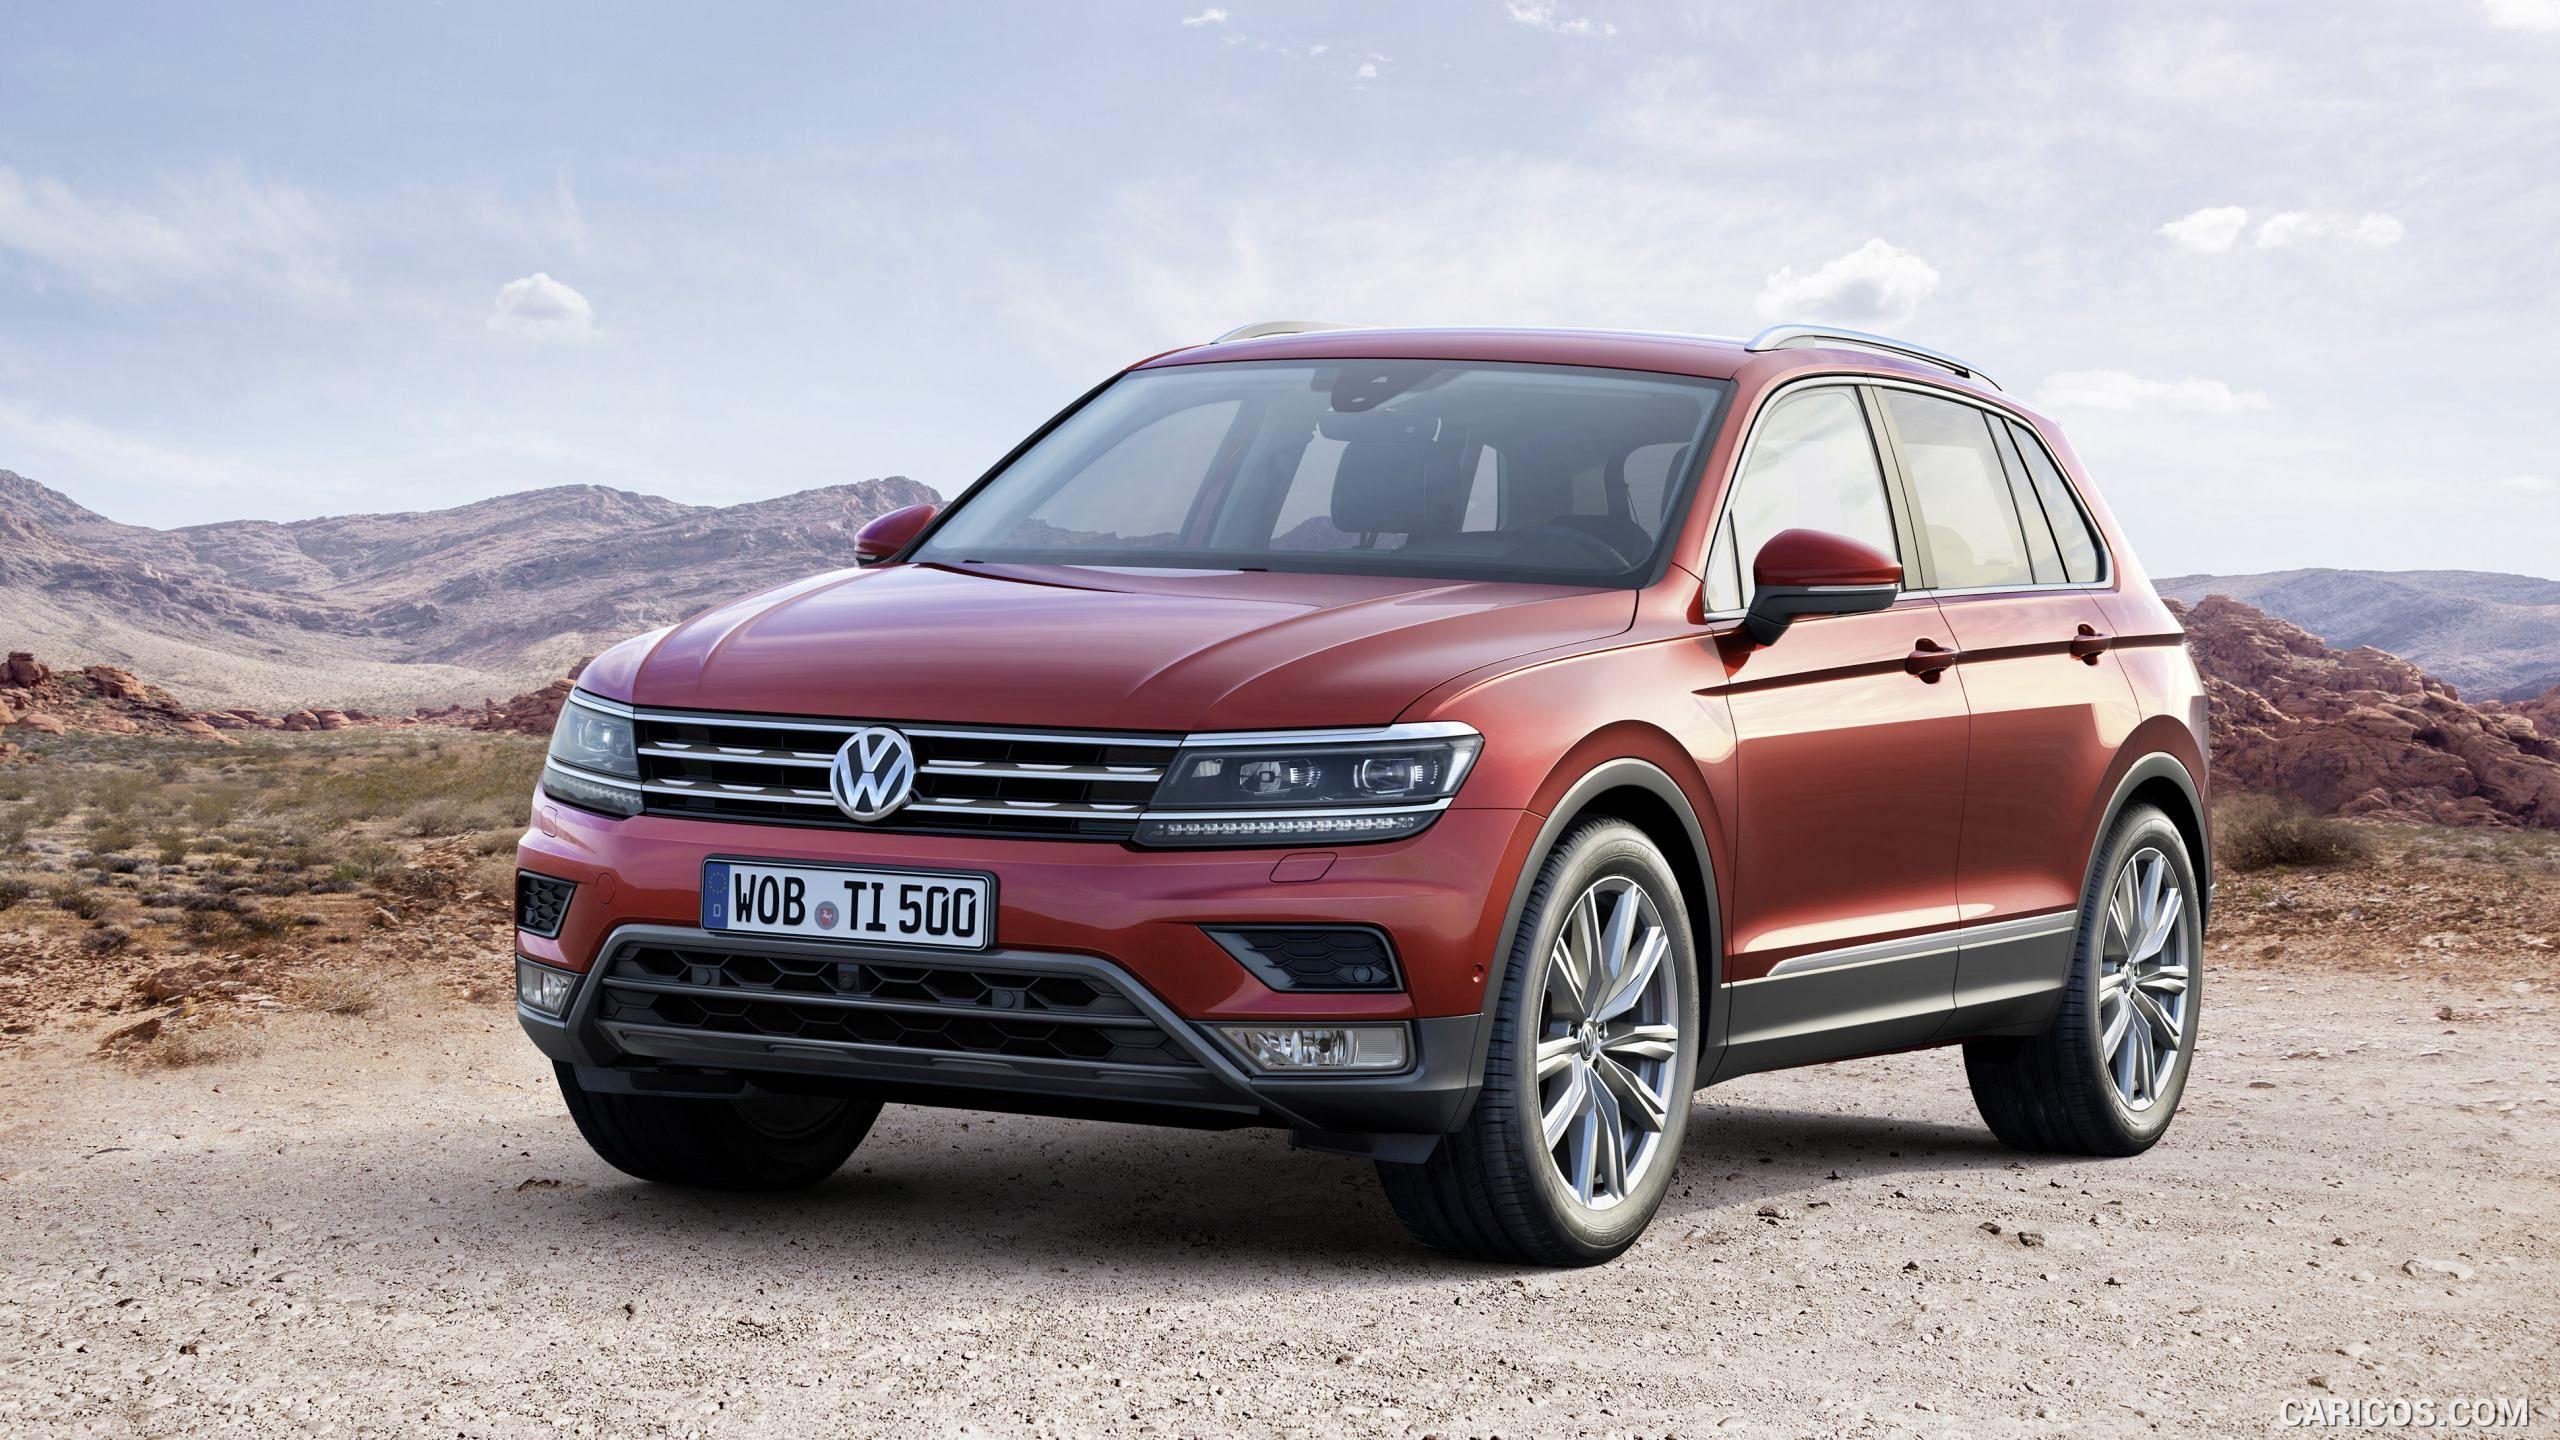 2017 Volkswagen Tiguan Volkswagen New Cars Upcoming Cars